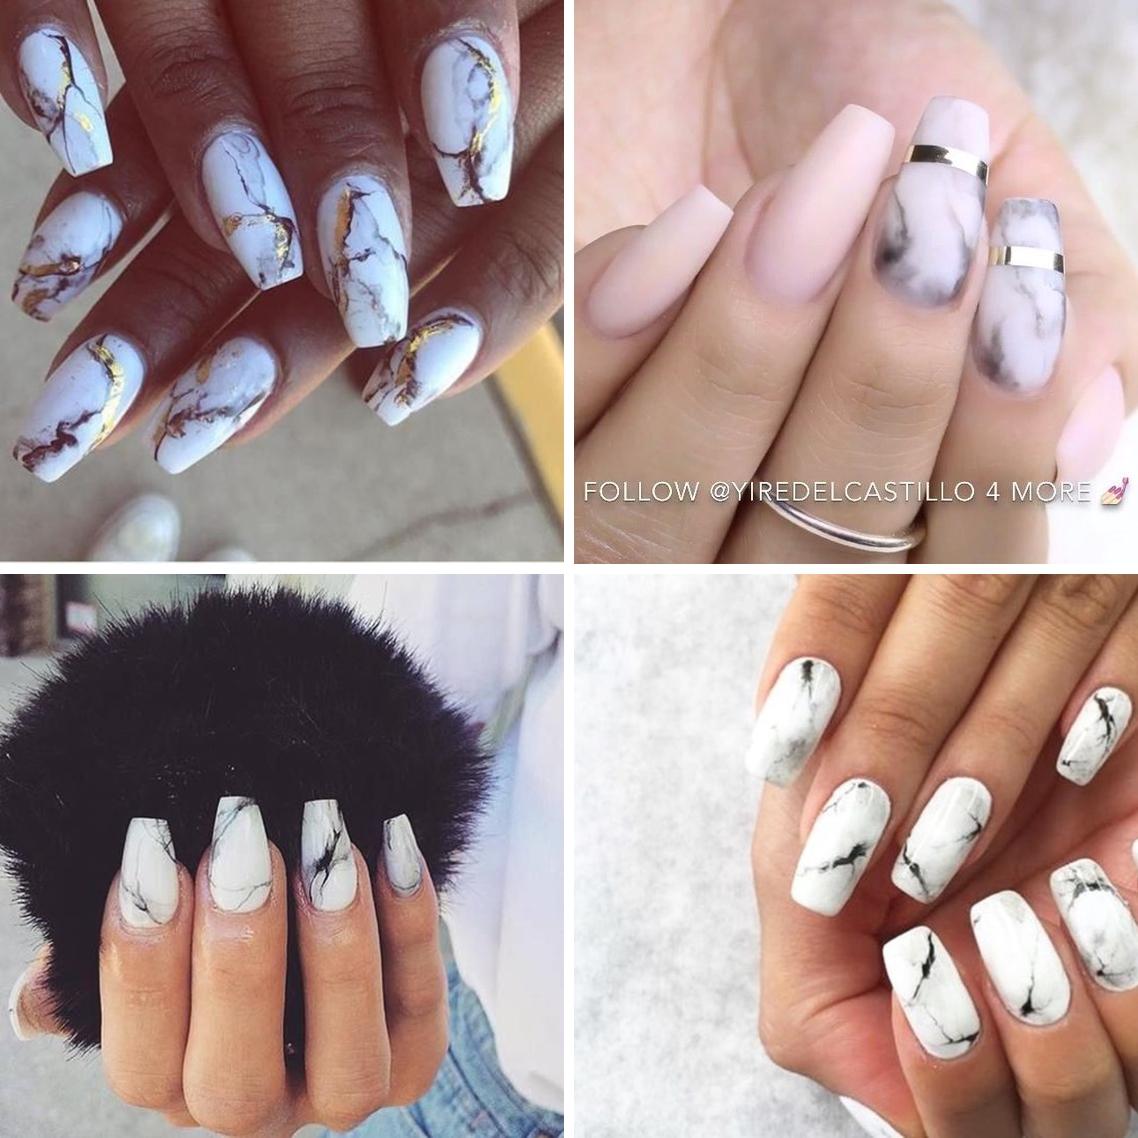 marble 02 - Trendy: Stone Marble Nails - as Unhas Marmorizadas que são Febre no Instagram